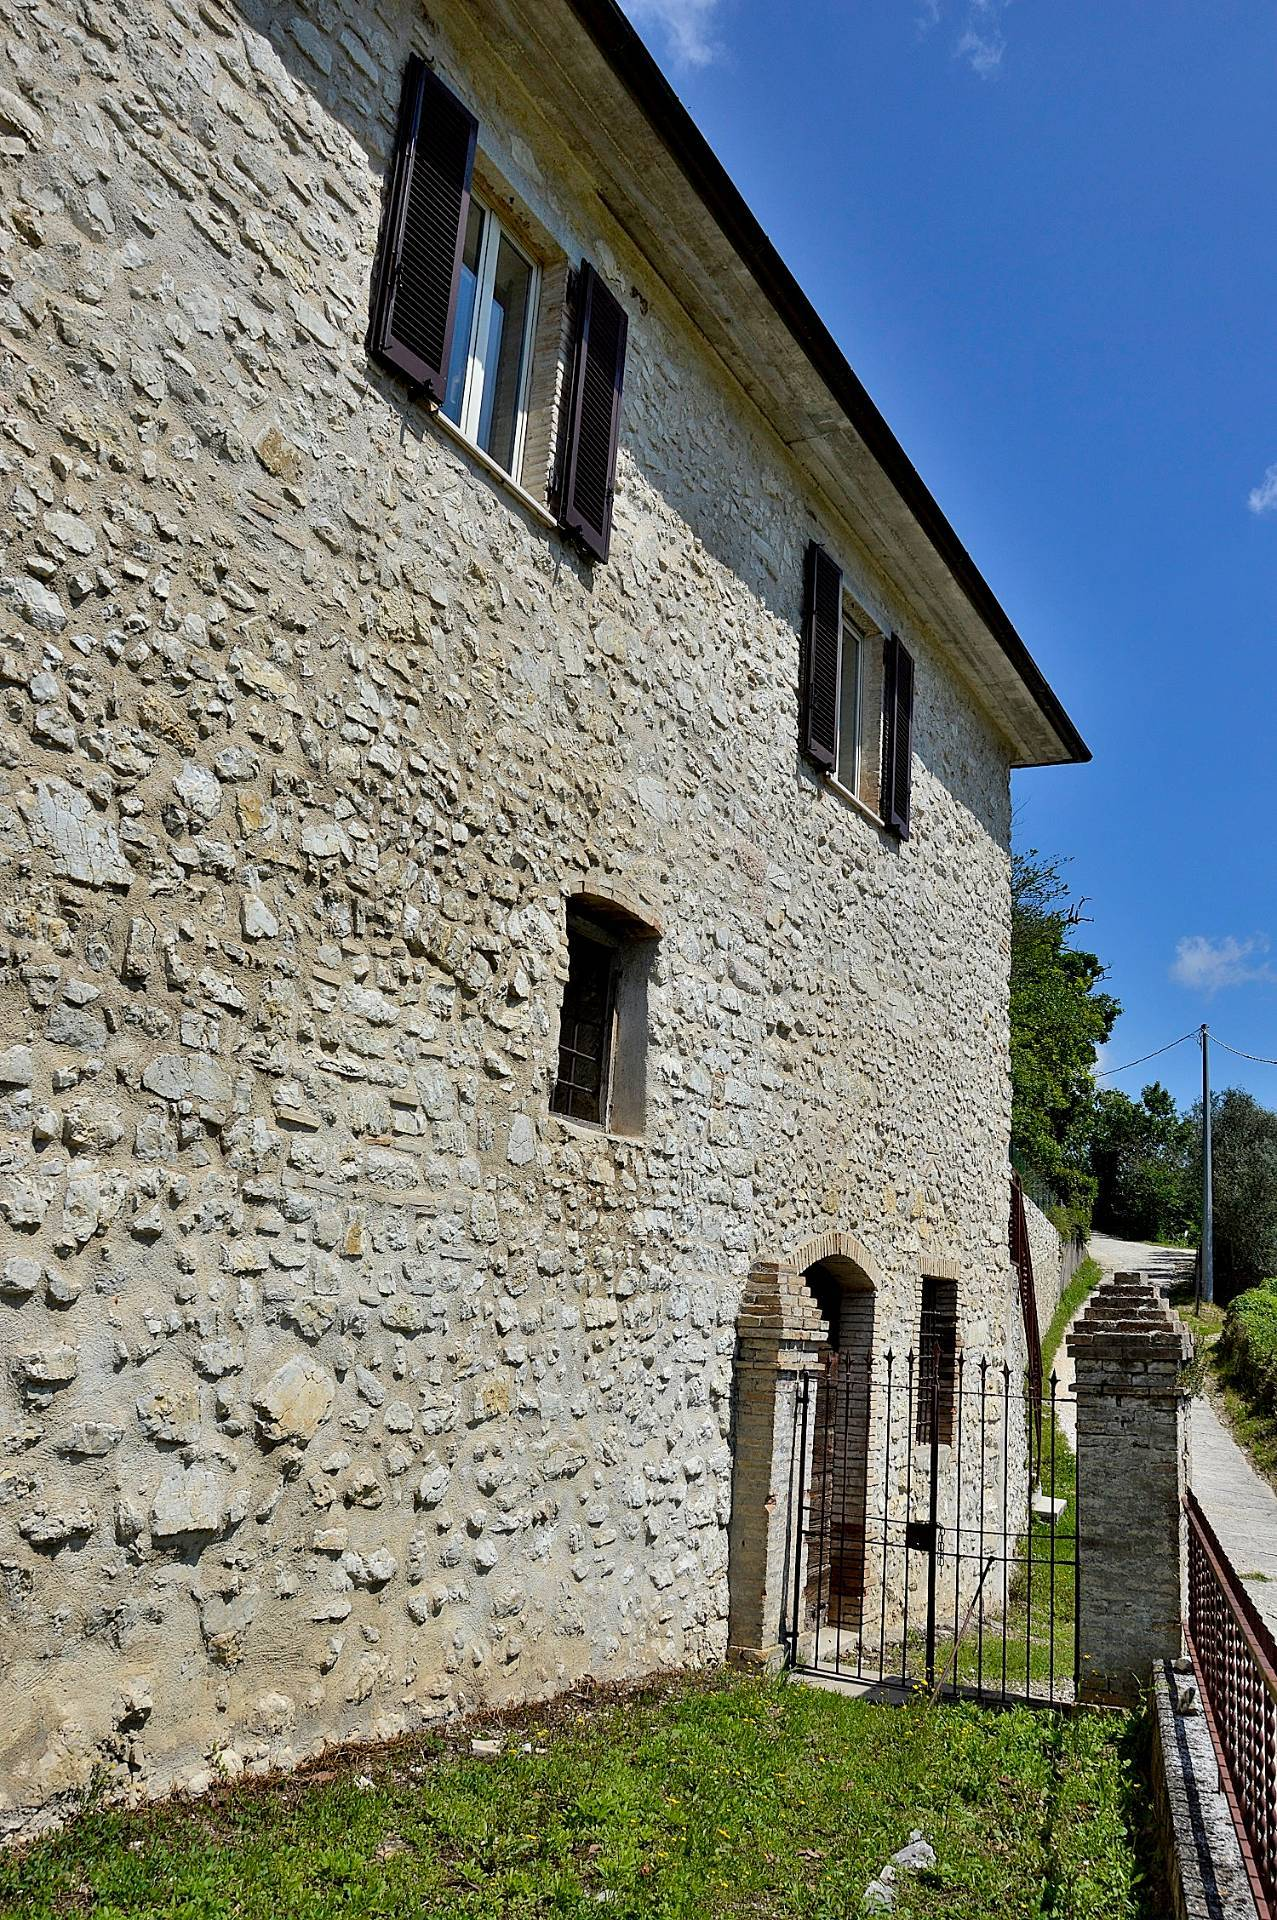 Appartamento in vendita a Arrone, 6 locali, zona Località: Arrone-Centro, prezzo € 86.000 | CambioCasa.it